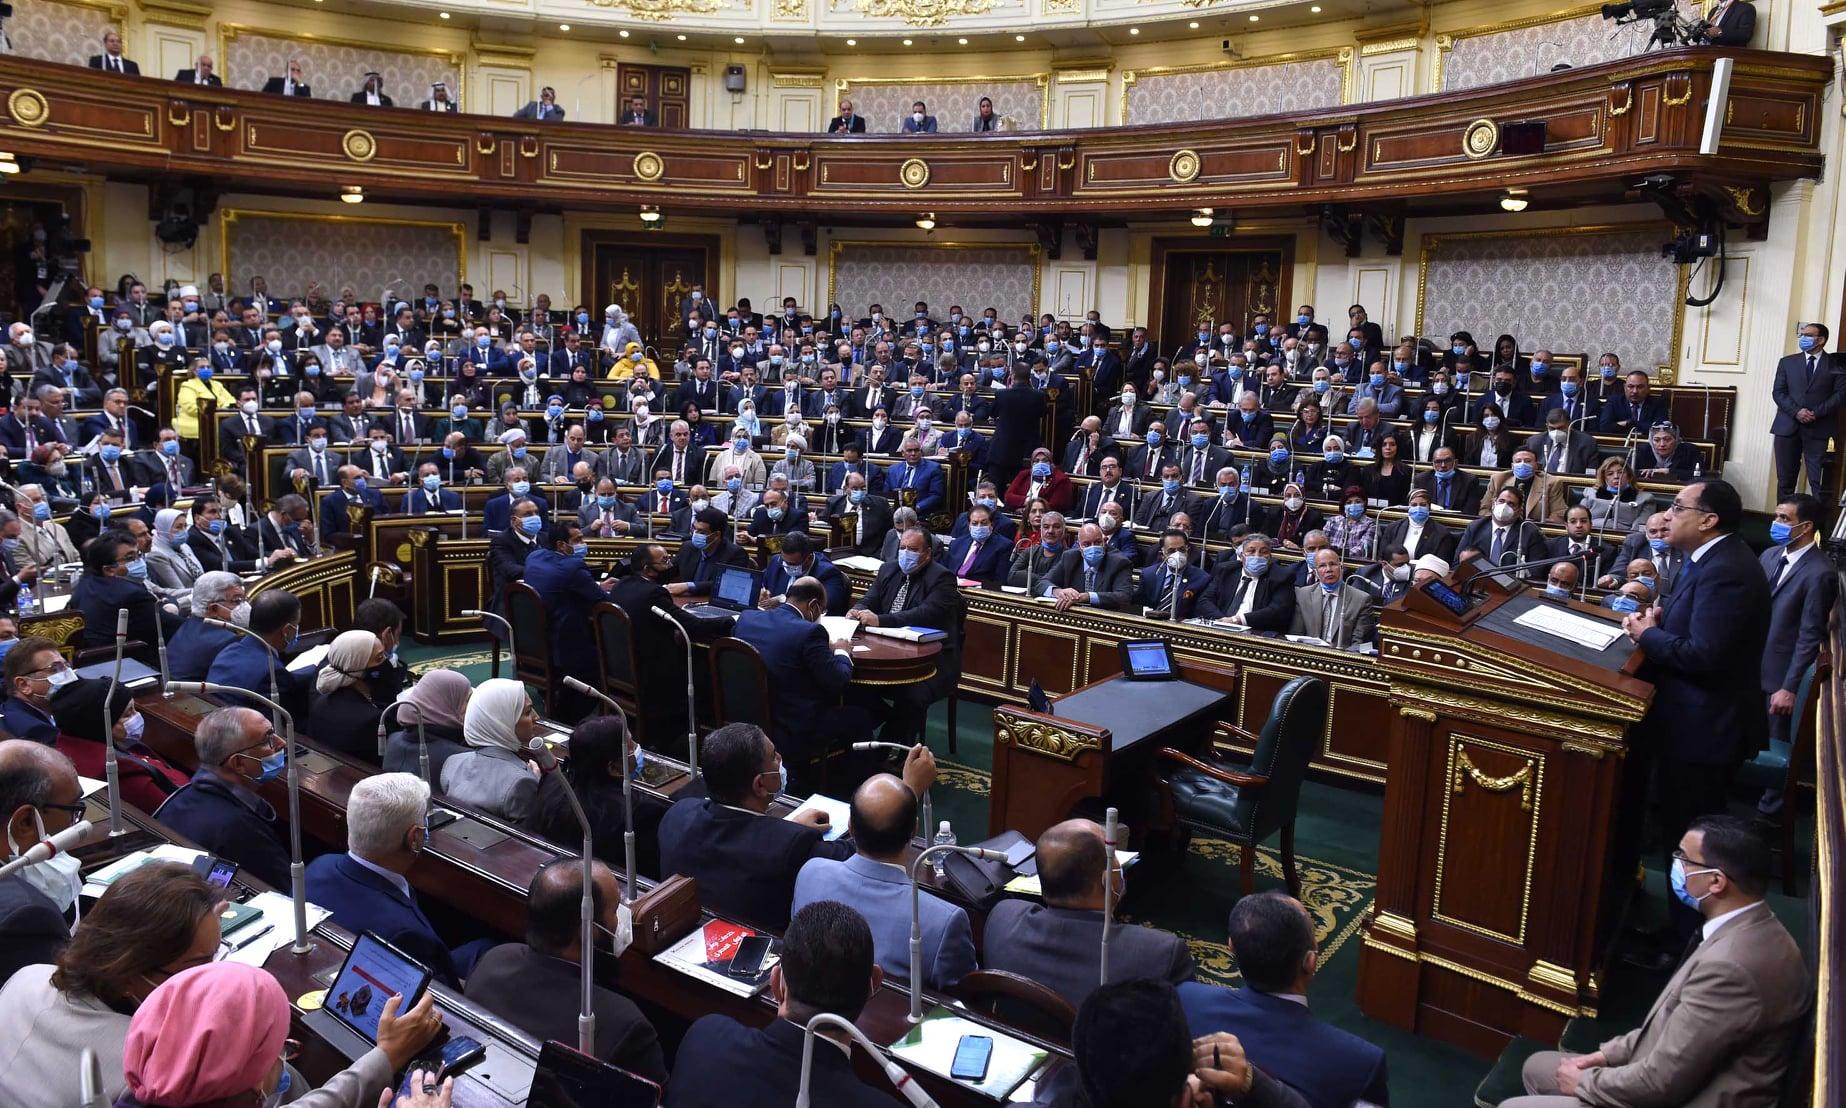 رئيس مجلس الوزراء الدكتور مصطفى مدبولي أمام النواب